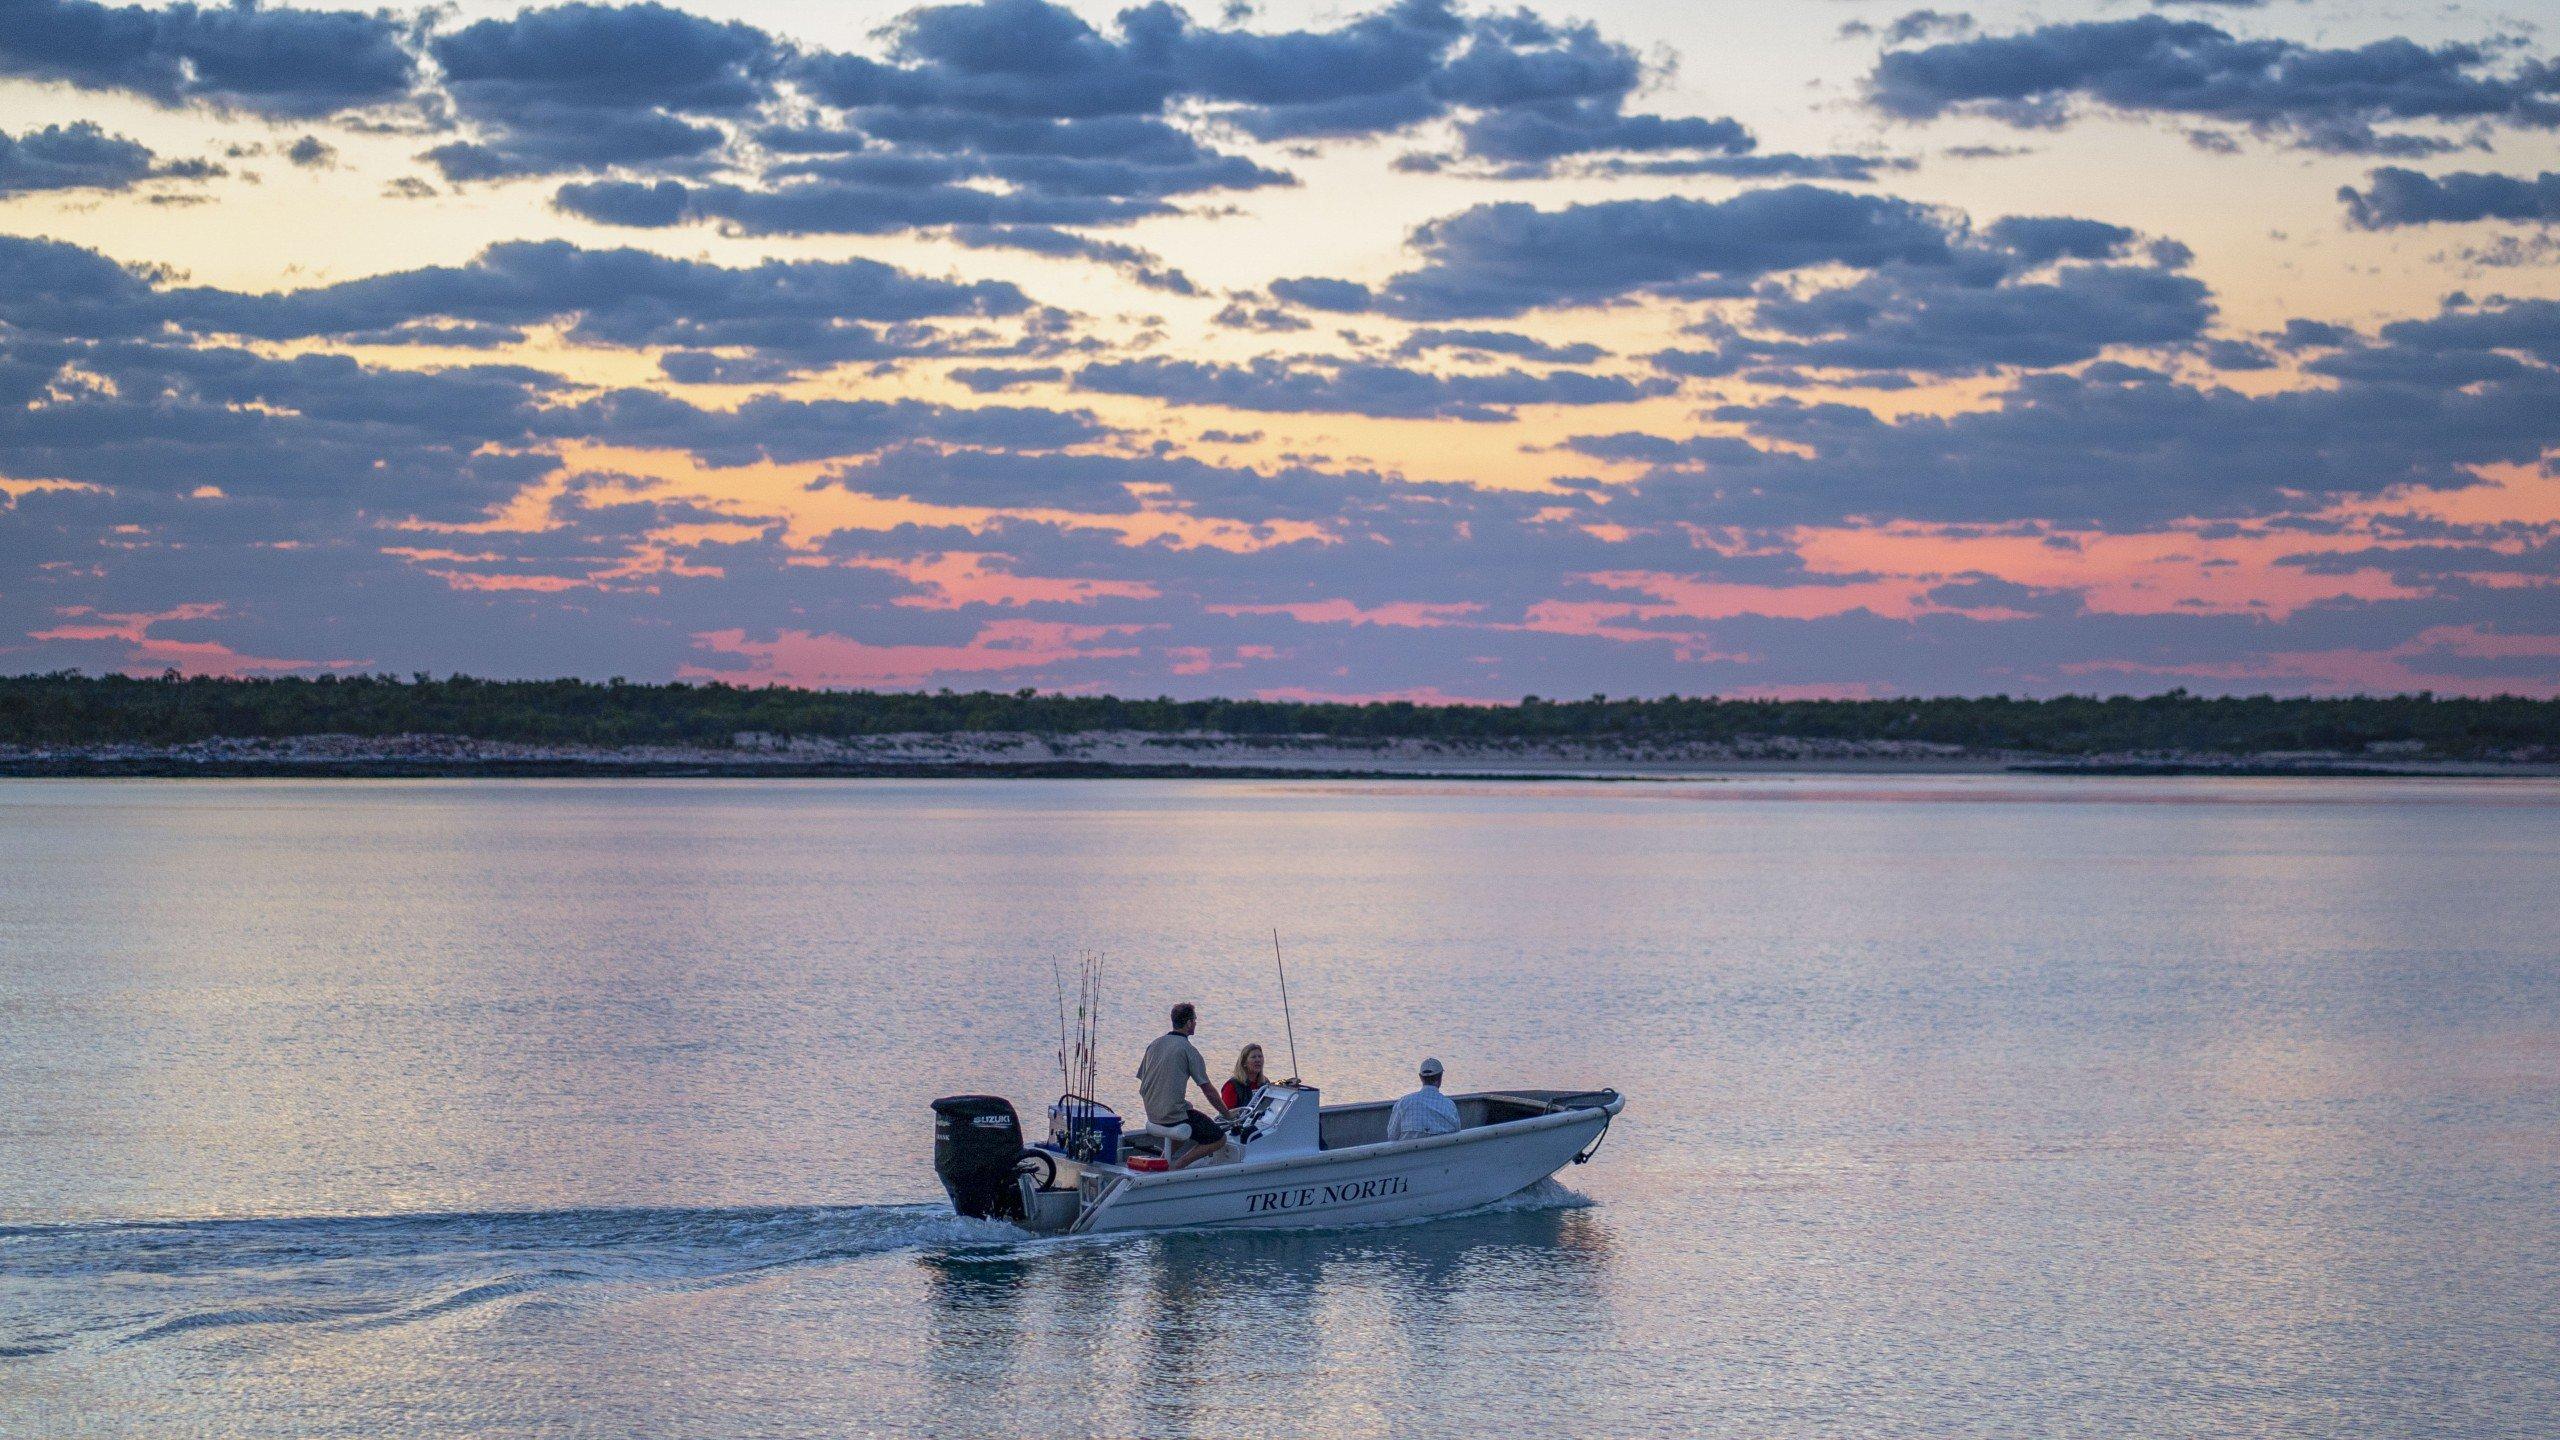 true north small boat